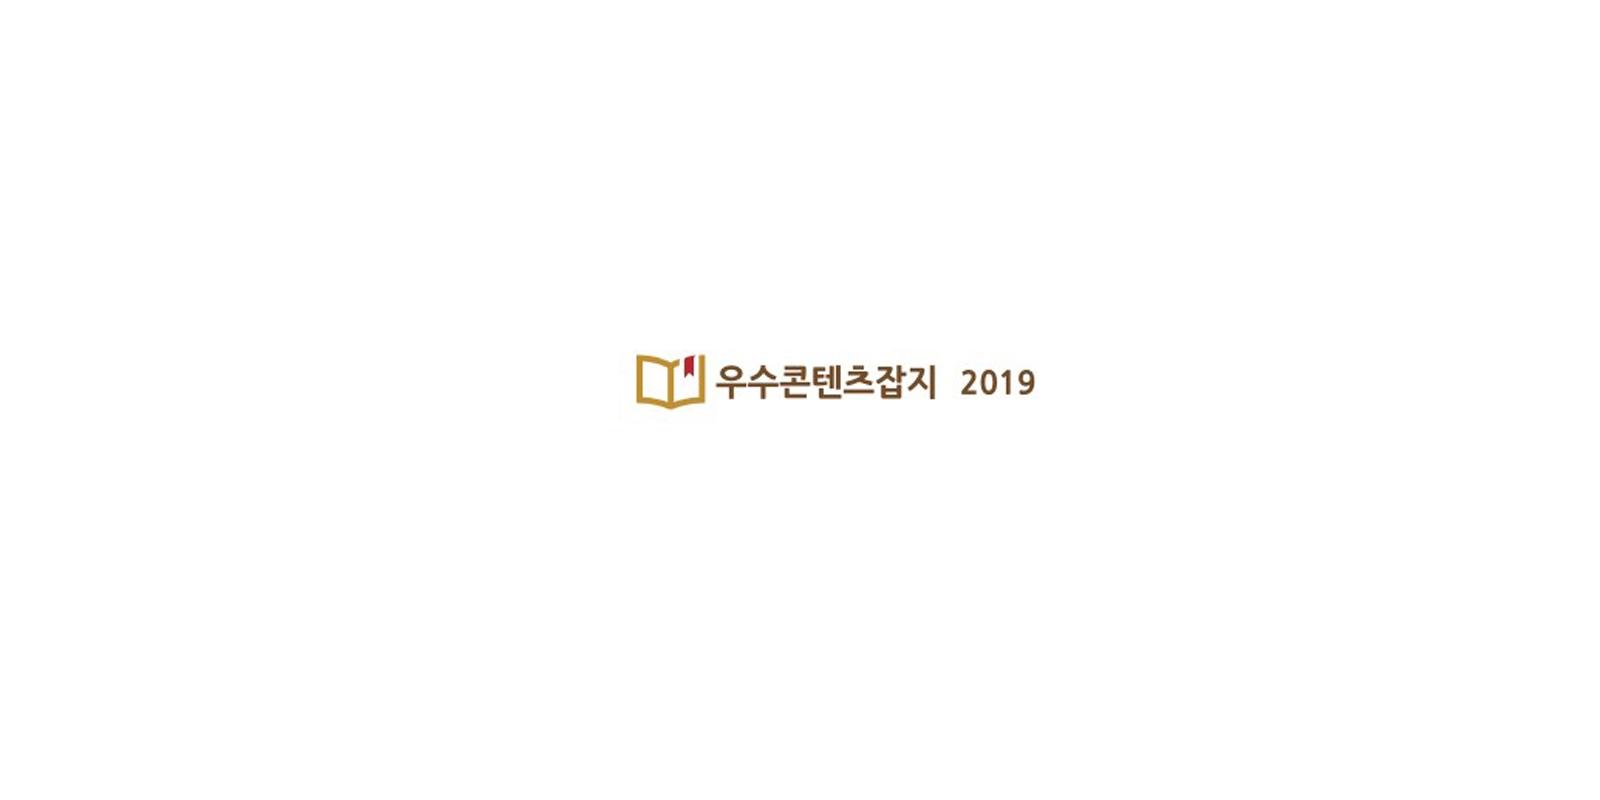 '트래비' 2년 연속 우수콘텐츠 잡지